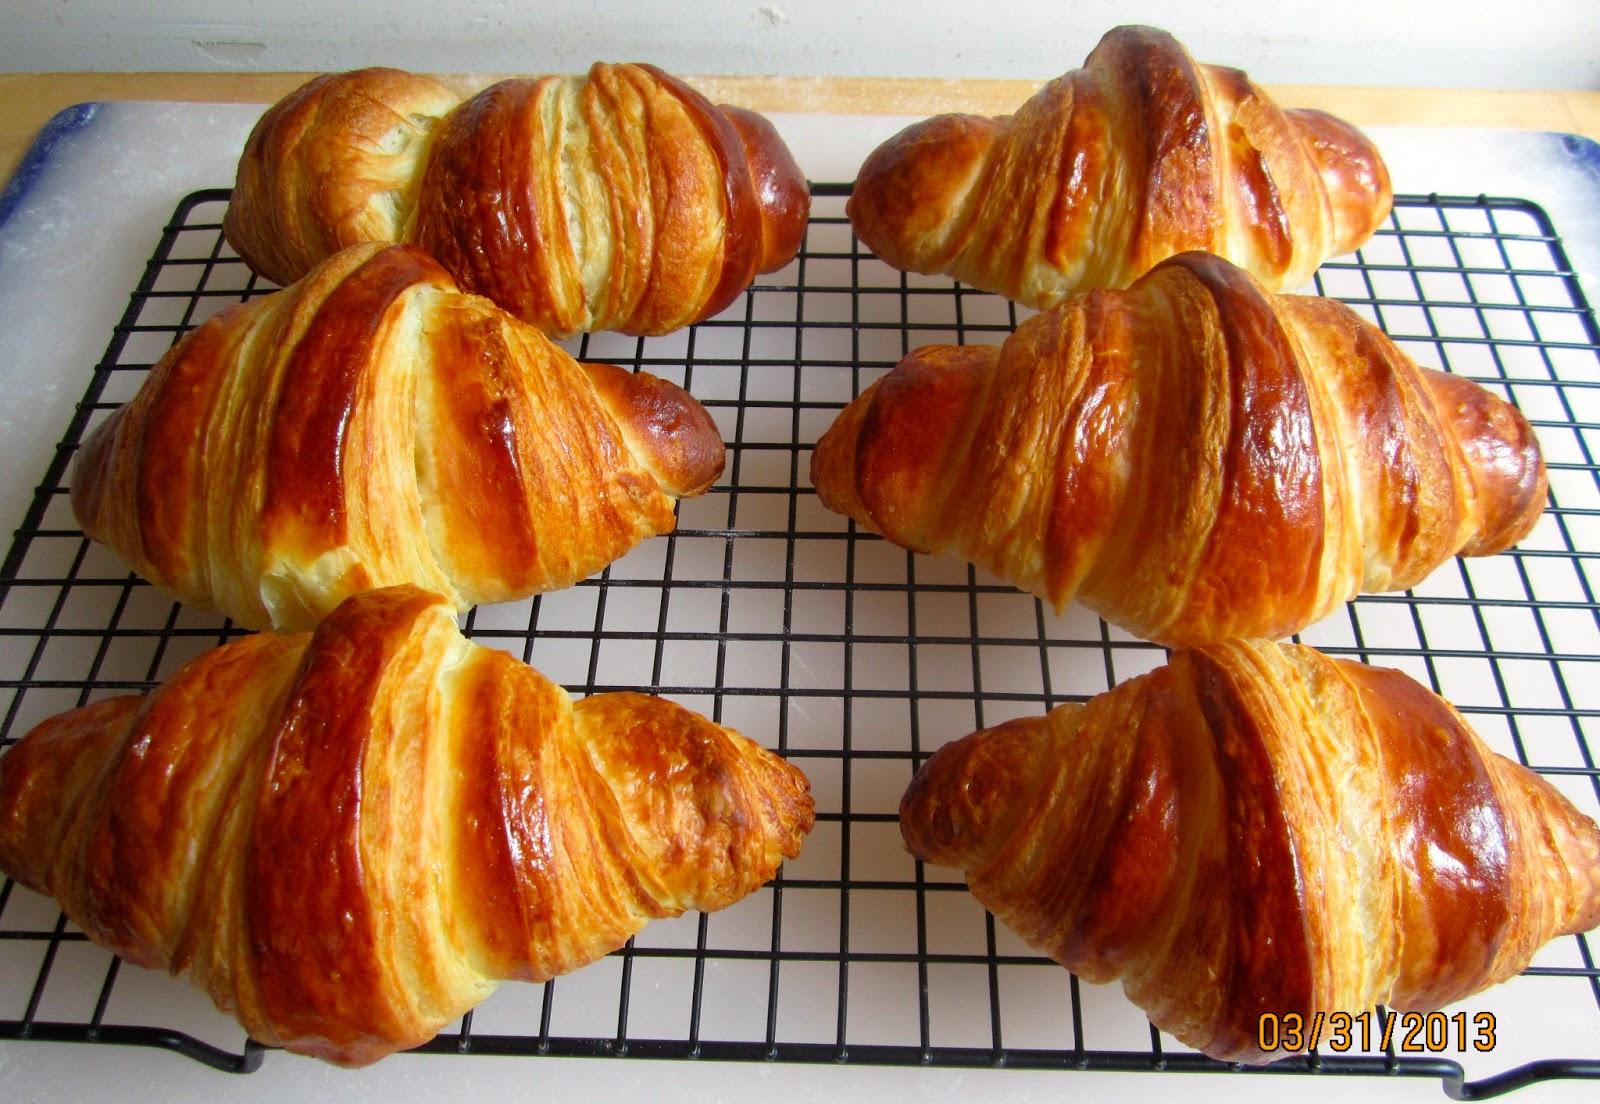 Brot & Bread: CROISSANTS - IN BUTTERY HEAVEN